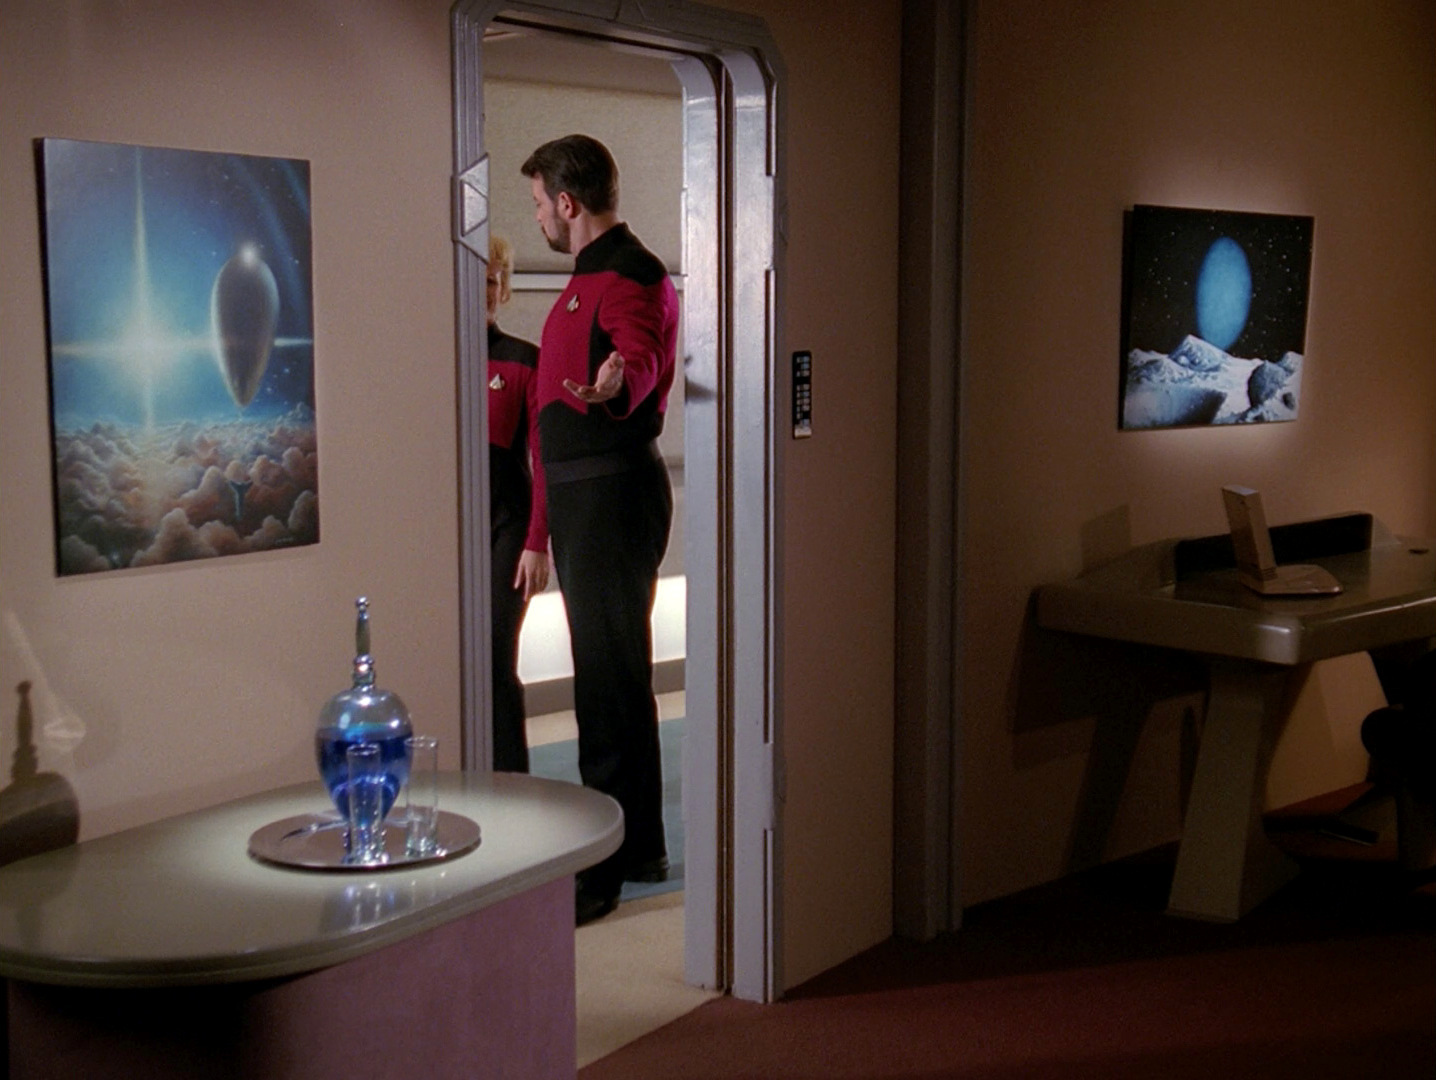 Ex Astris Scientia E Art In Star Trek The Next Generation